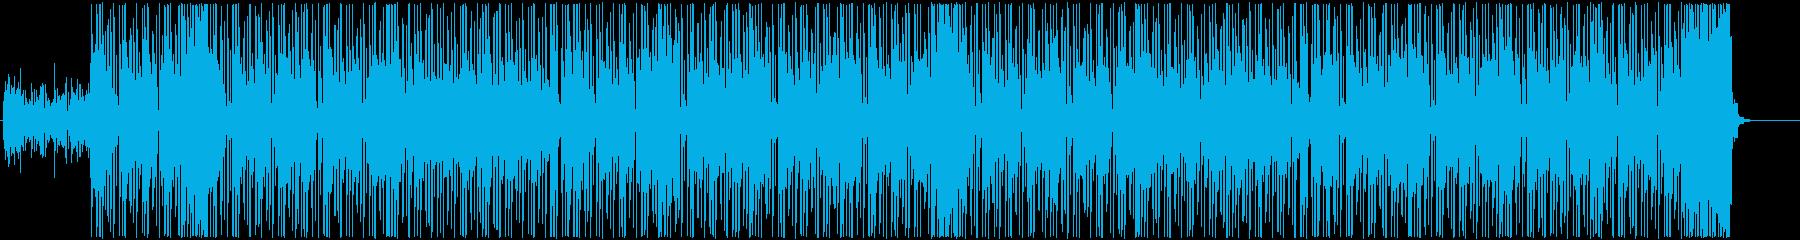 K-POP、ニュージャックスウィング!!の再生済みの波形